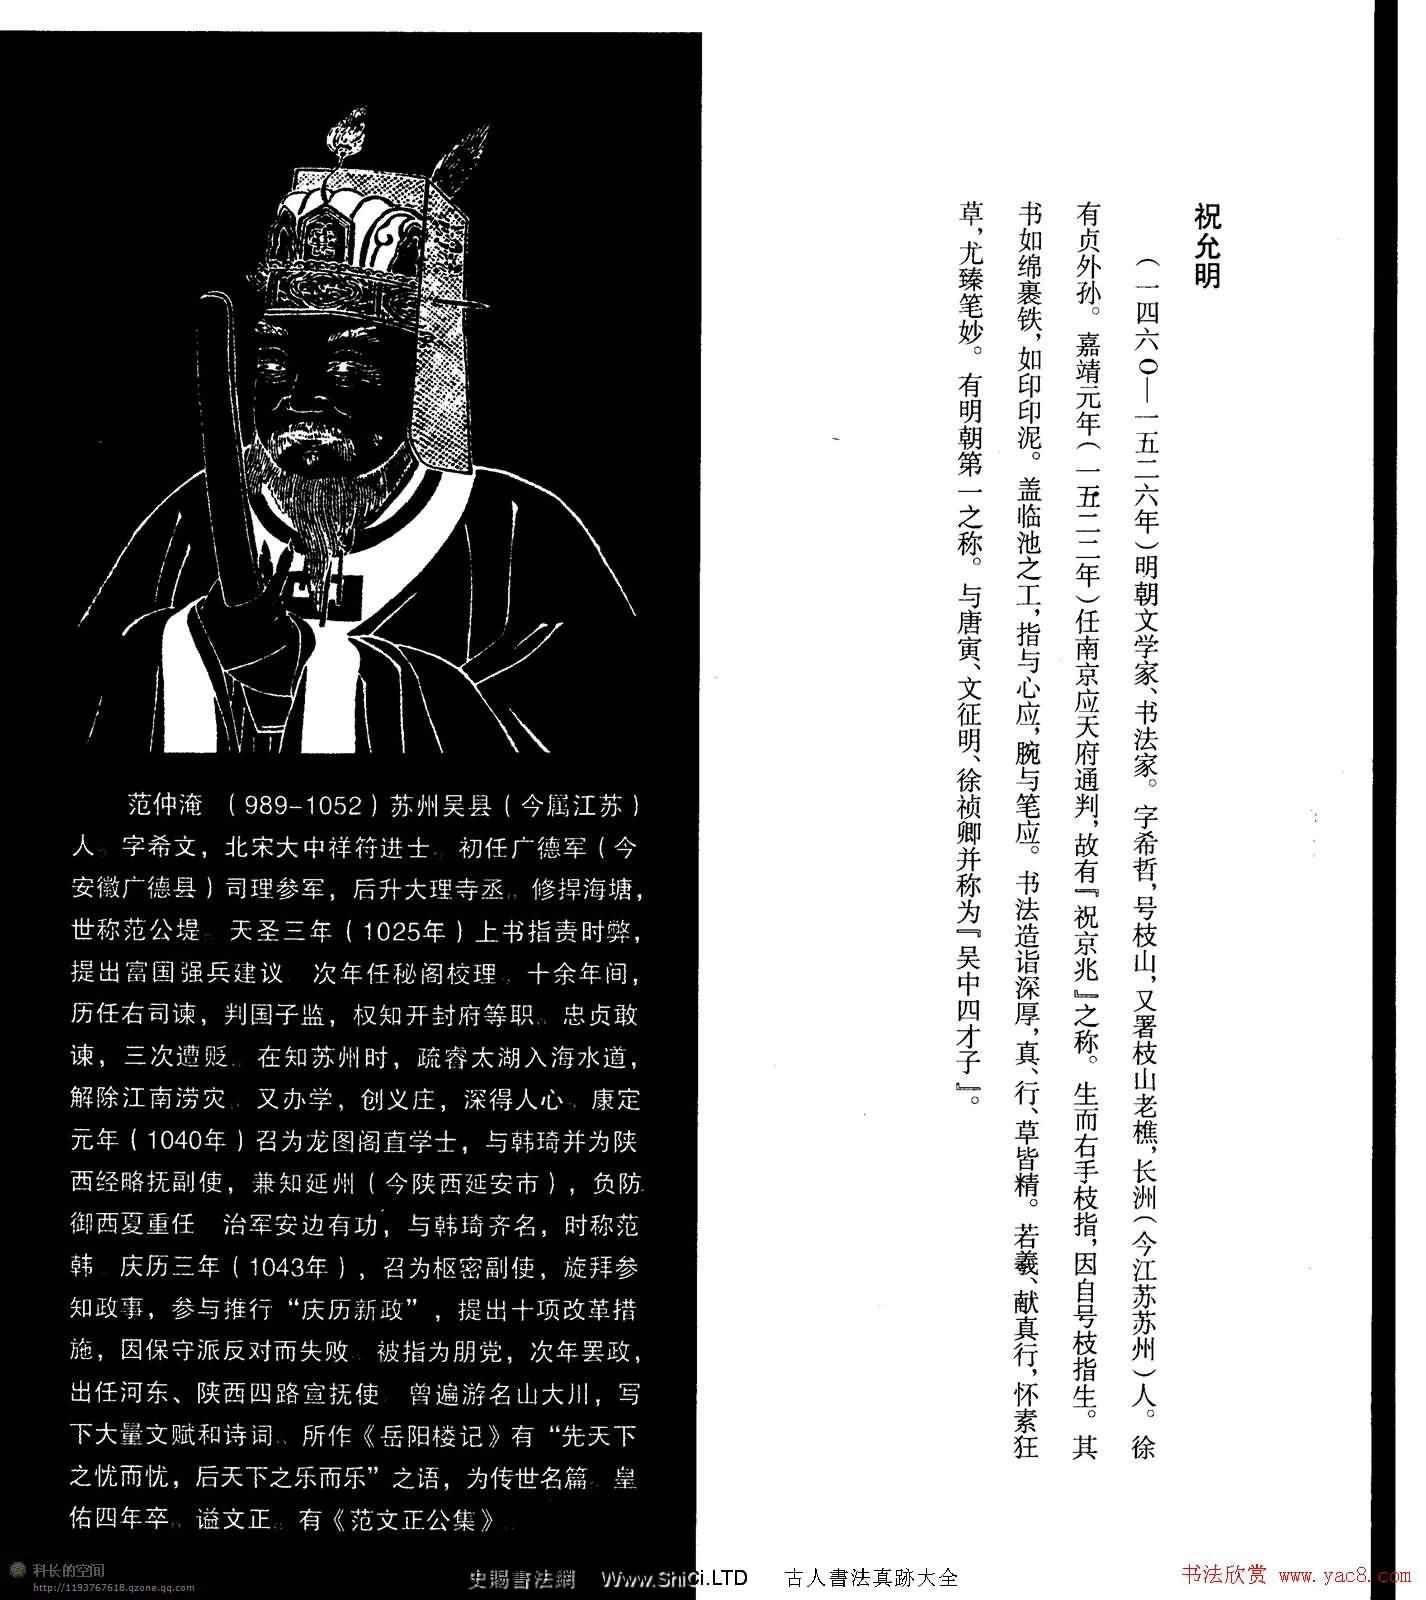 祝允明草書真跡欣賞《岳陽樓記》大圖(共10張圖片)